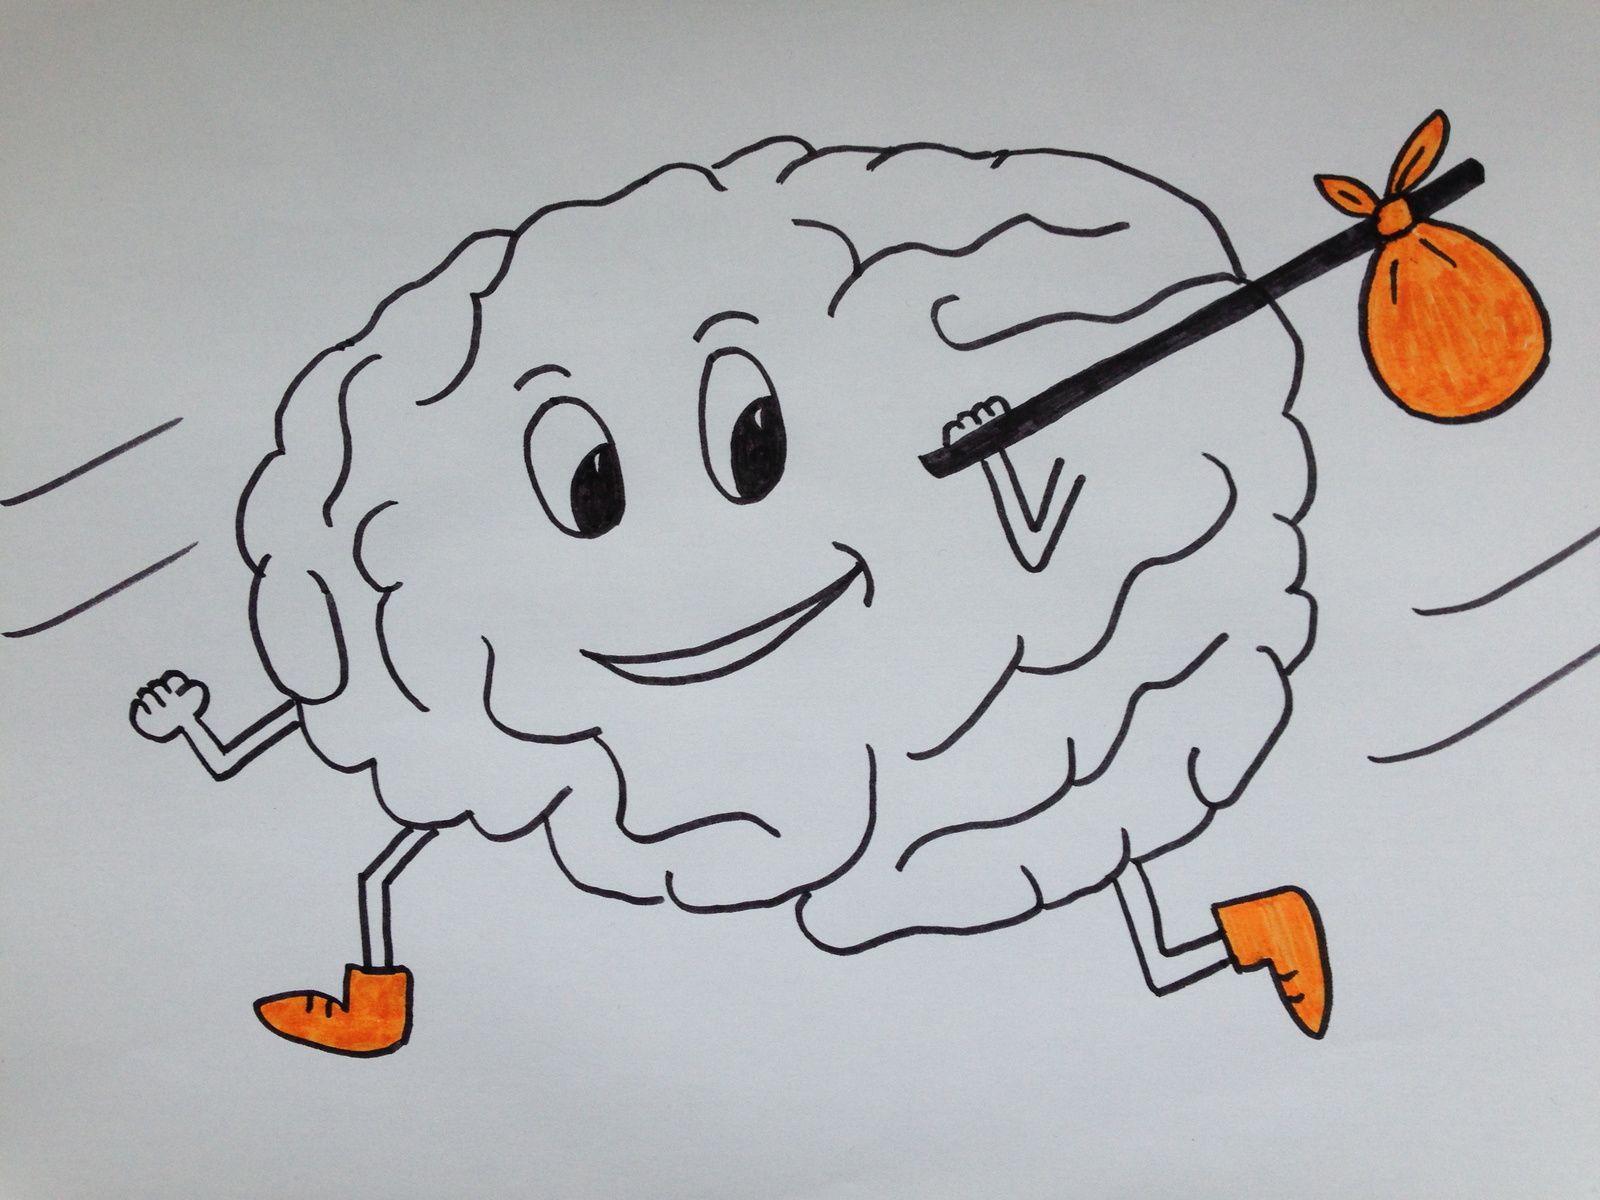 Le syndrome du cerveau baladeur